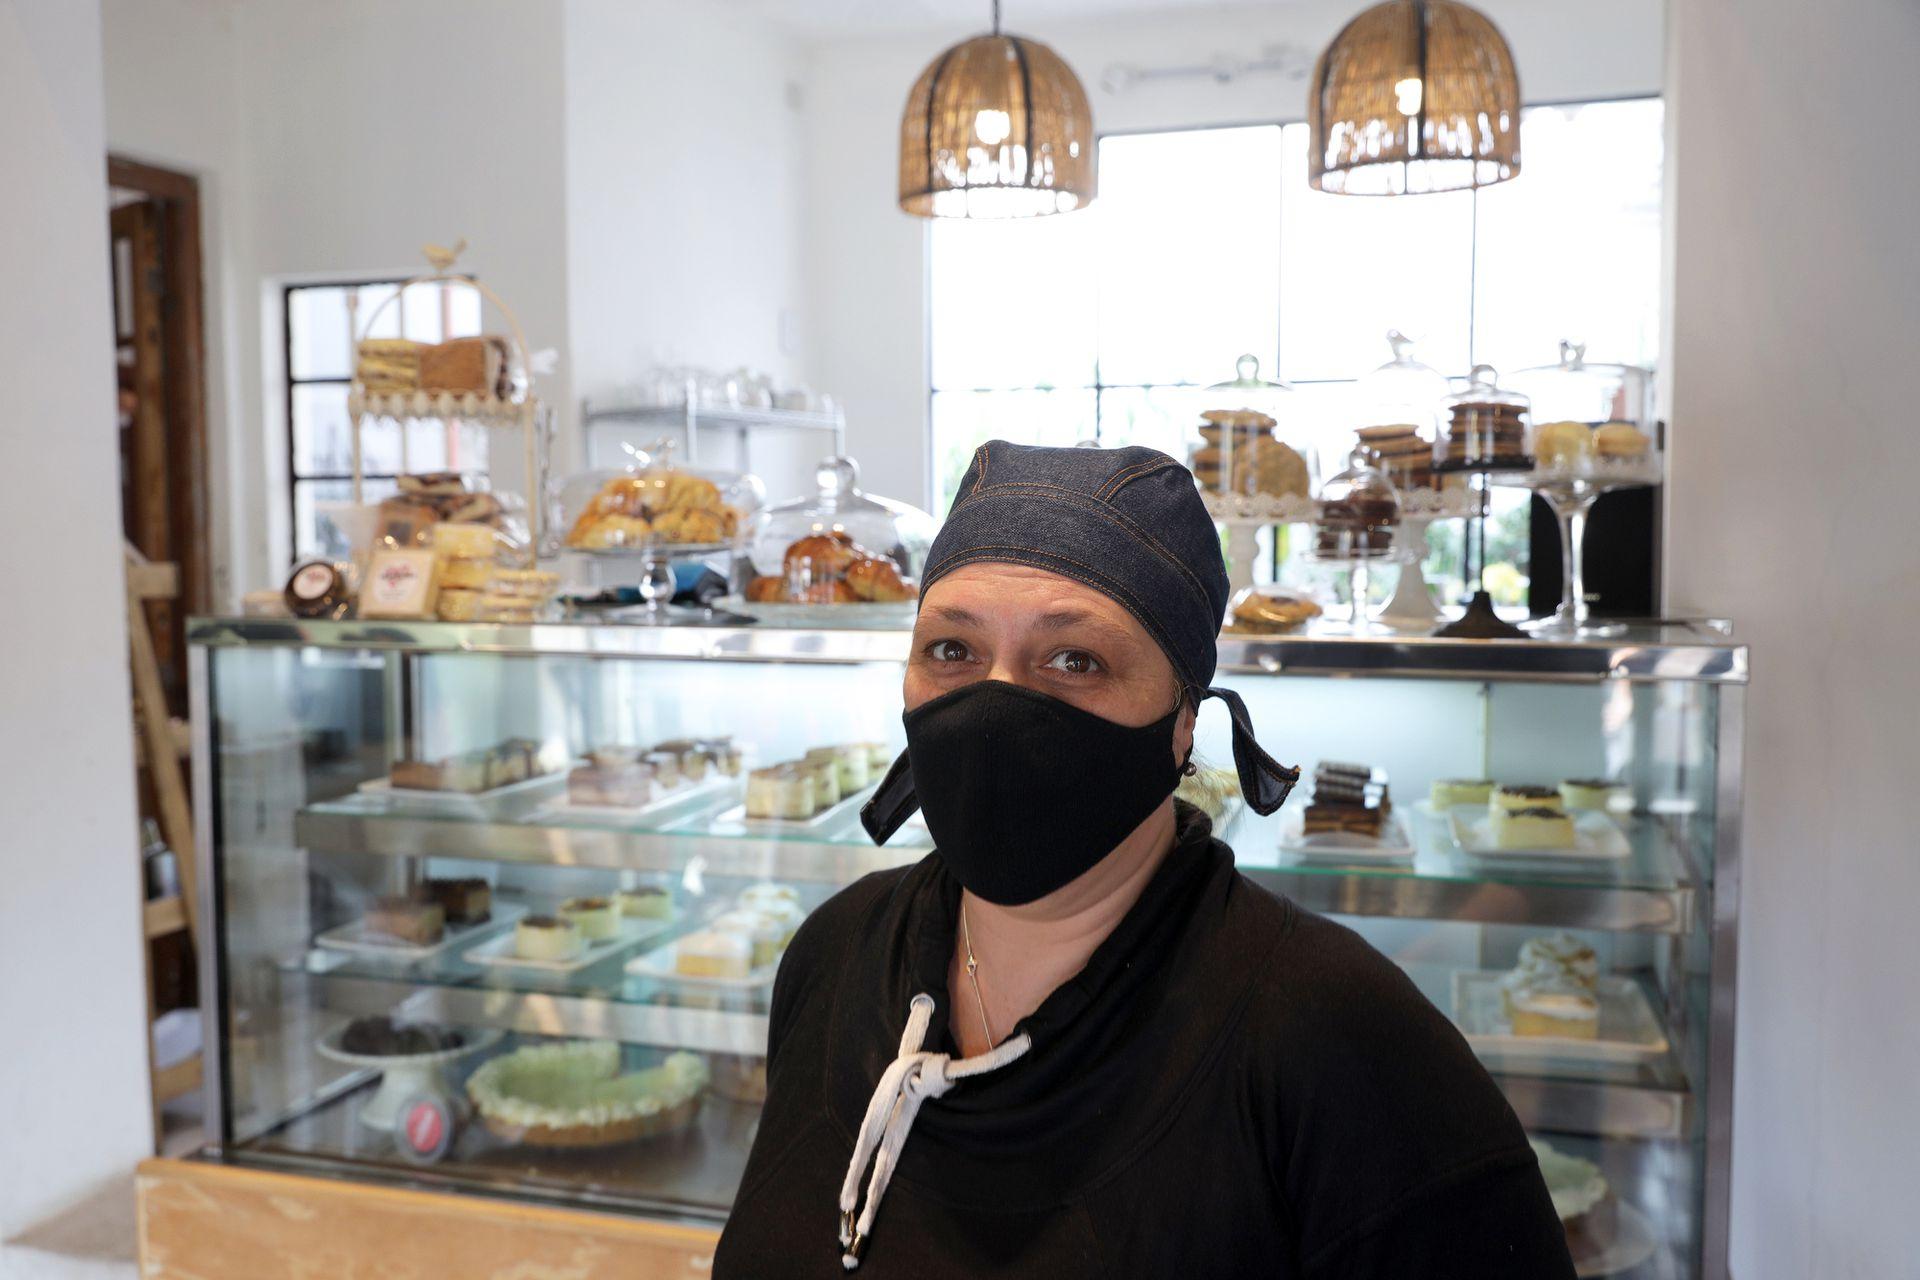 Amanda casa de té, Natalia Ferrara, quien inició el negocio, dijo verse favorecida por la modificación impositiva.